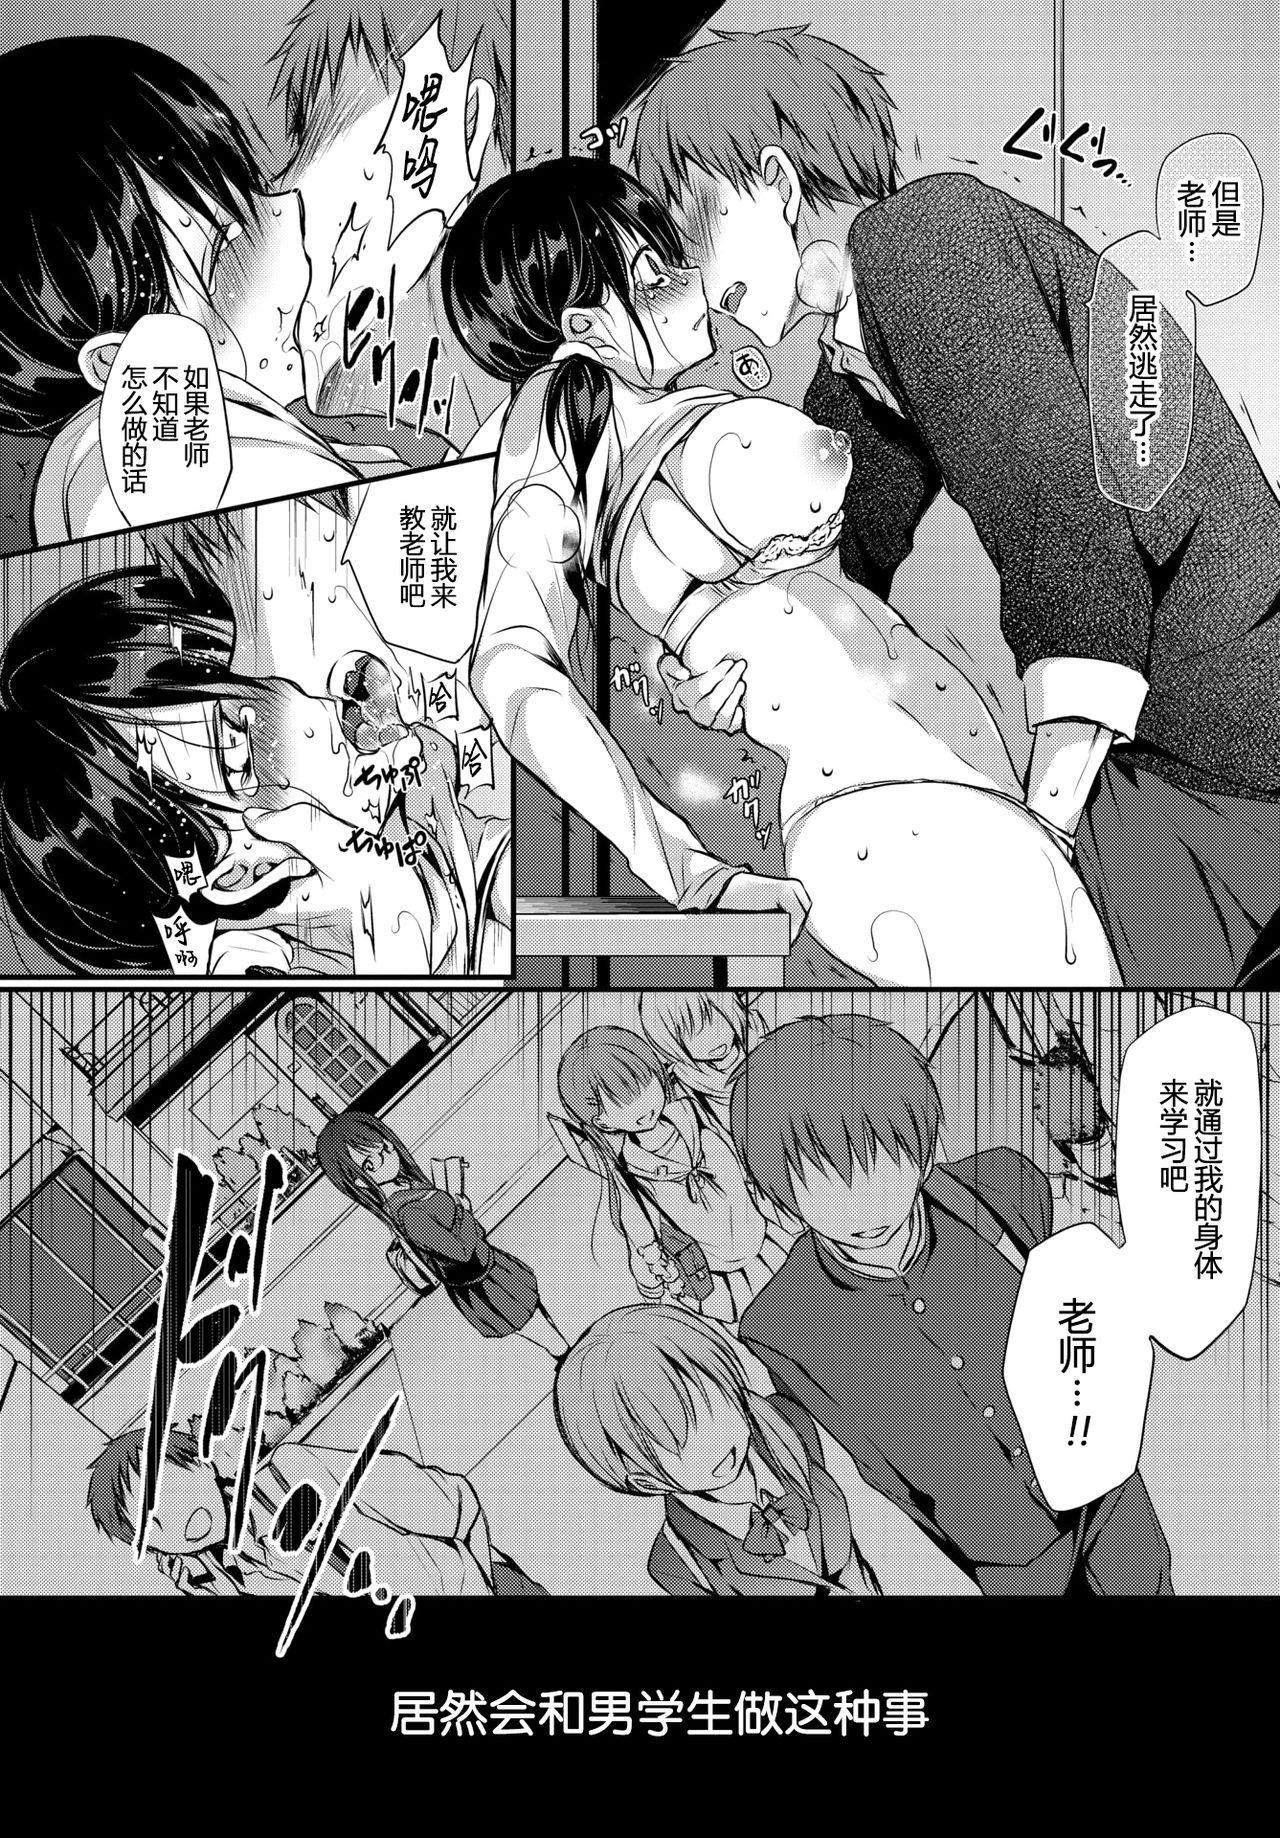 Tokubetsu Atsukai. - Special Treatment 11